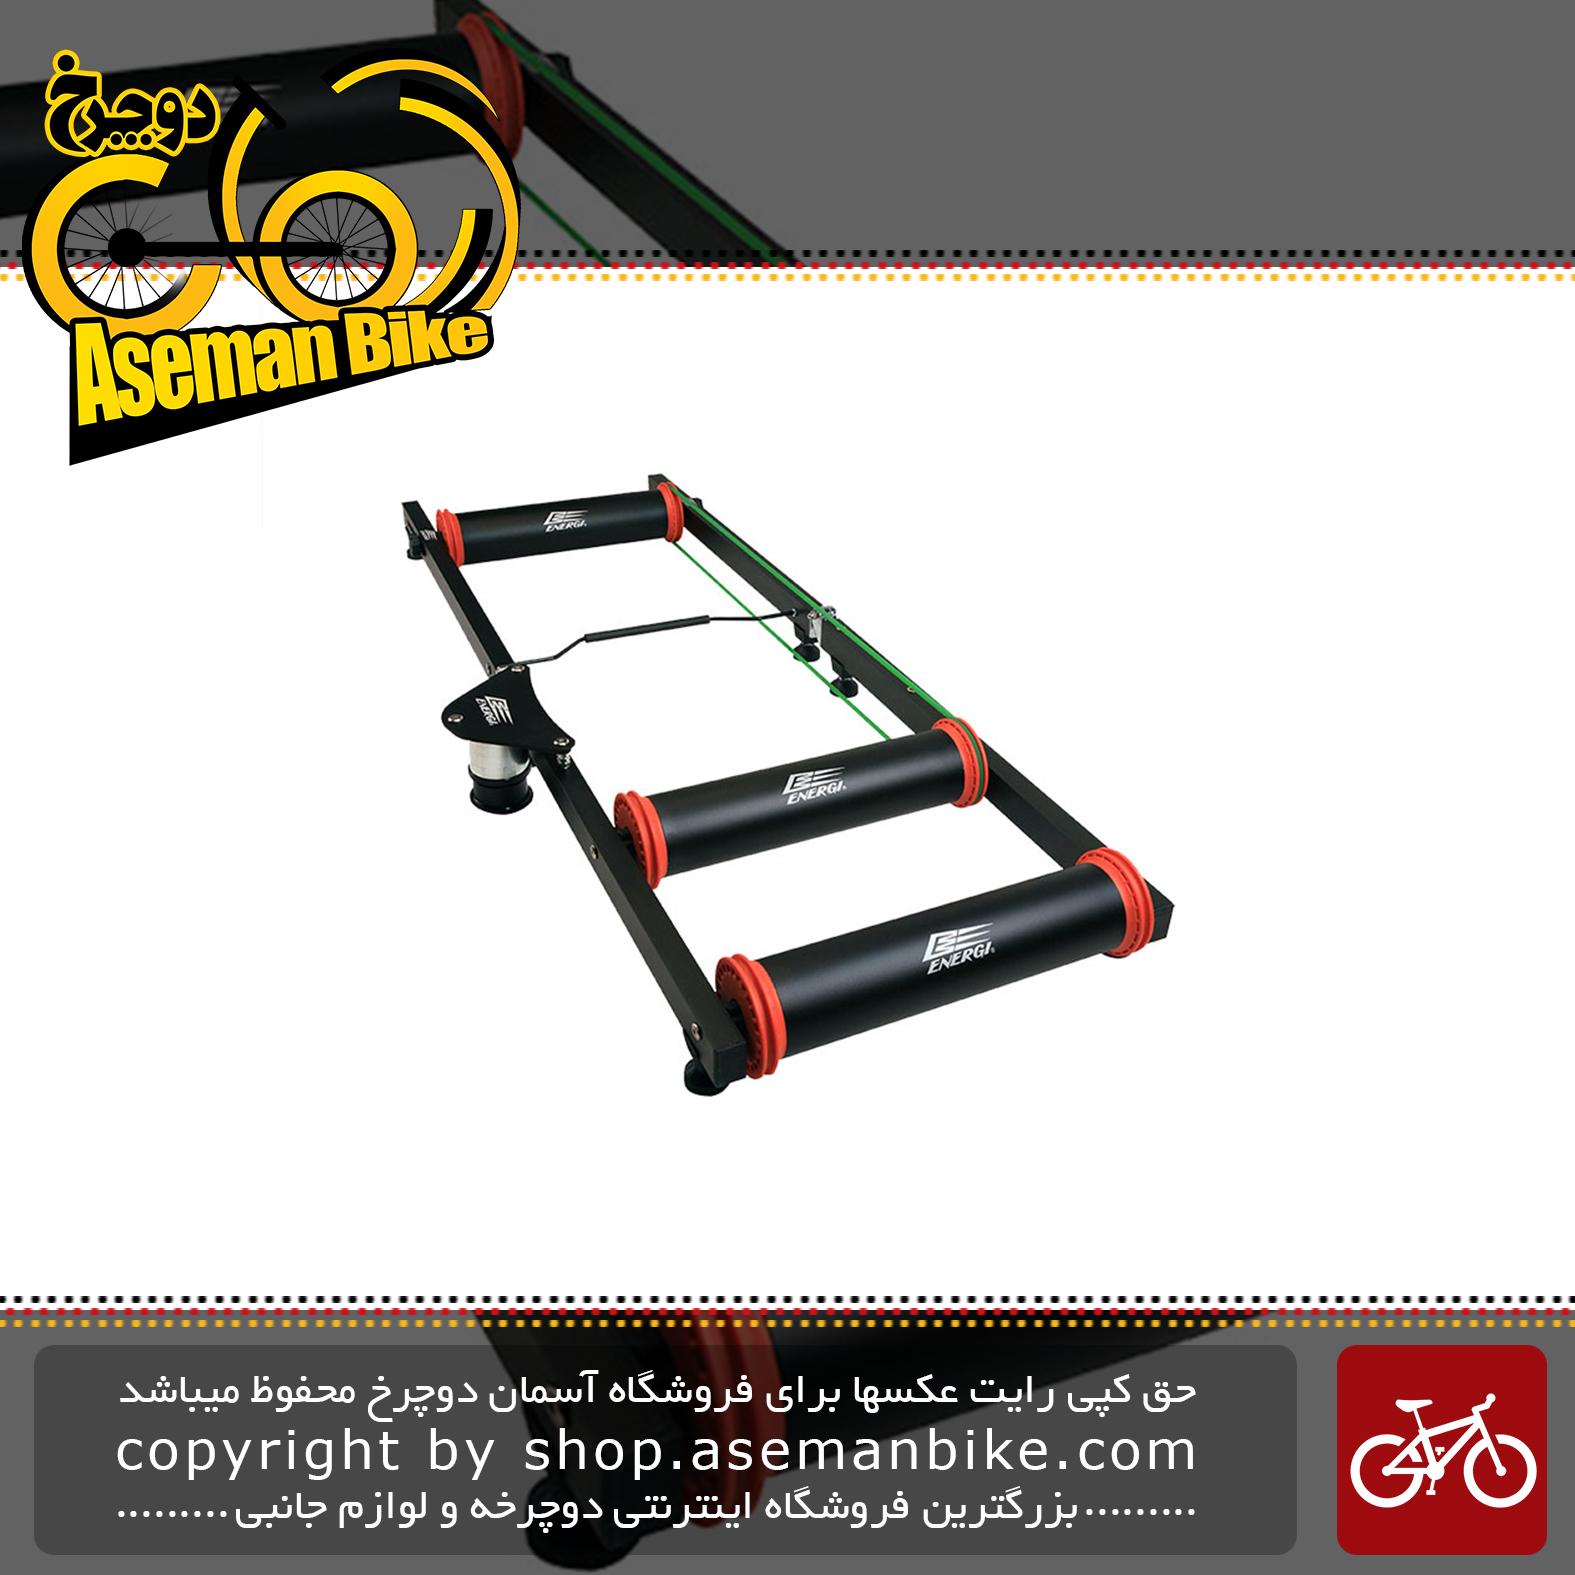 ترینر دوچرخه انرژیBike trainer